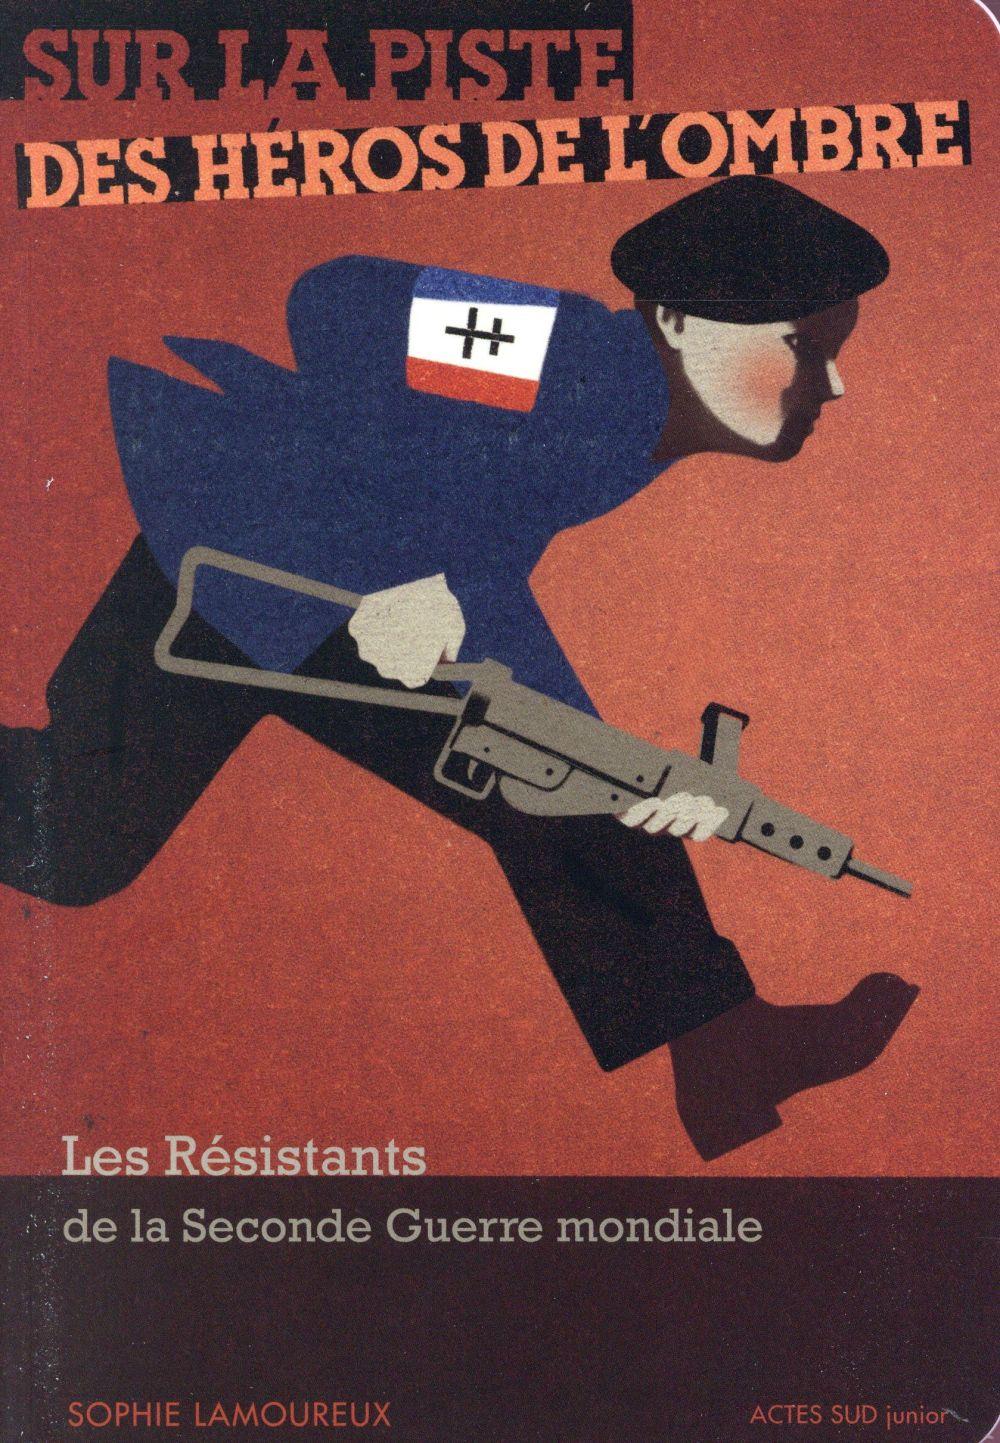 Sur la piste des héros de l'ombre ; les résistants de la seconde guerre mondiale